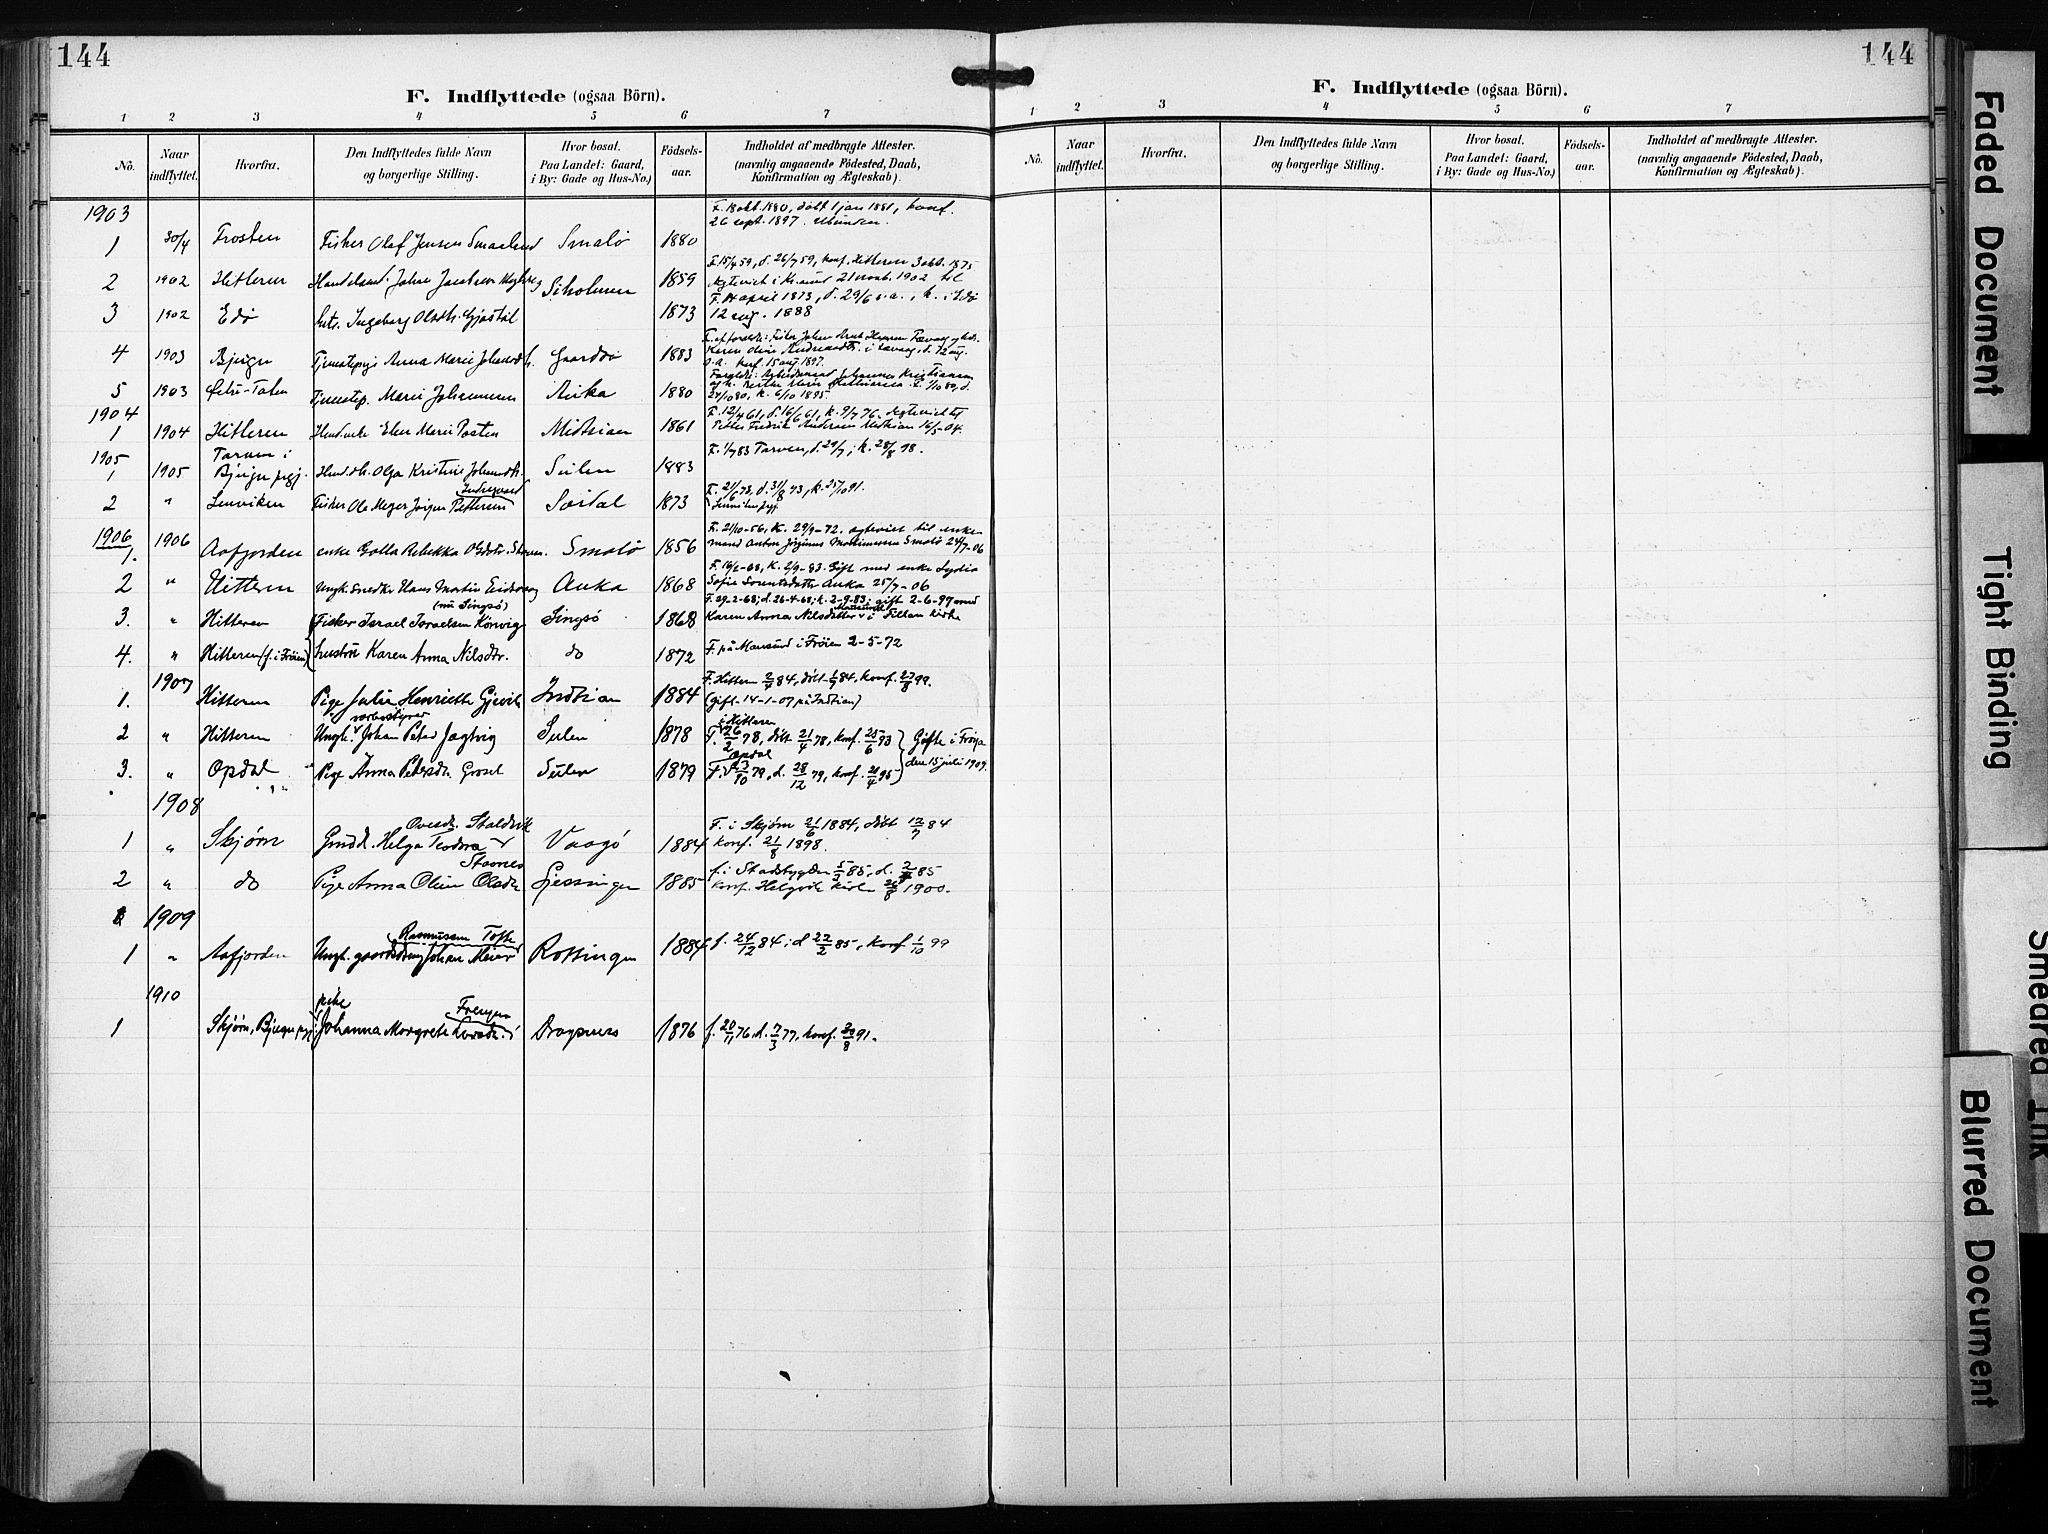 SAT, Ministerialprotokoller, klokkerbøker og fødselsregistre - Sør-Trøndelag, 640/L0580: Ministerialbok nr. 640A05, 1902-1910, s. 144